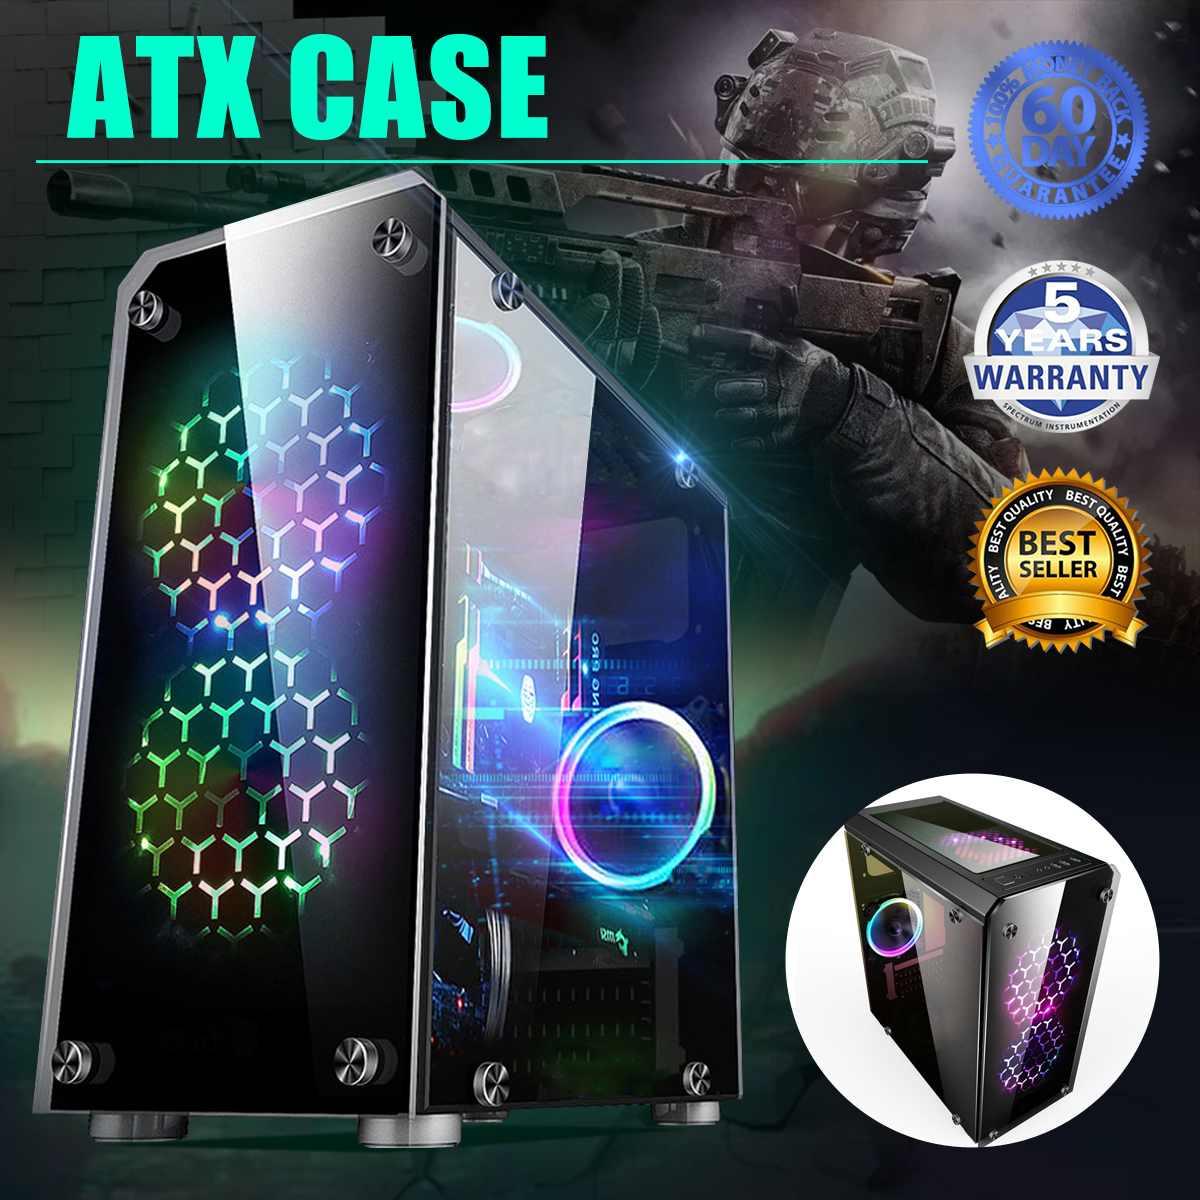 LEORY Mini Gaming ATX Casos Torres de Computador PC Desktop Do Computador de Mainframe Full-lado Do Painel de Vidro Transparente Chassis